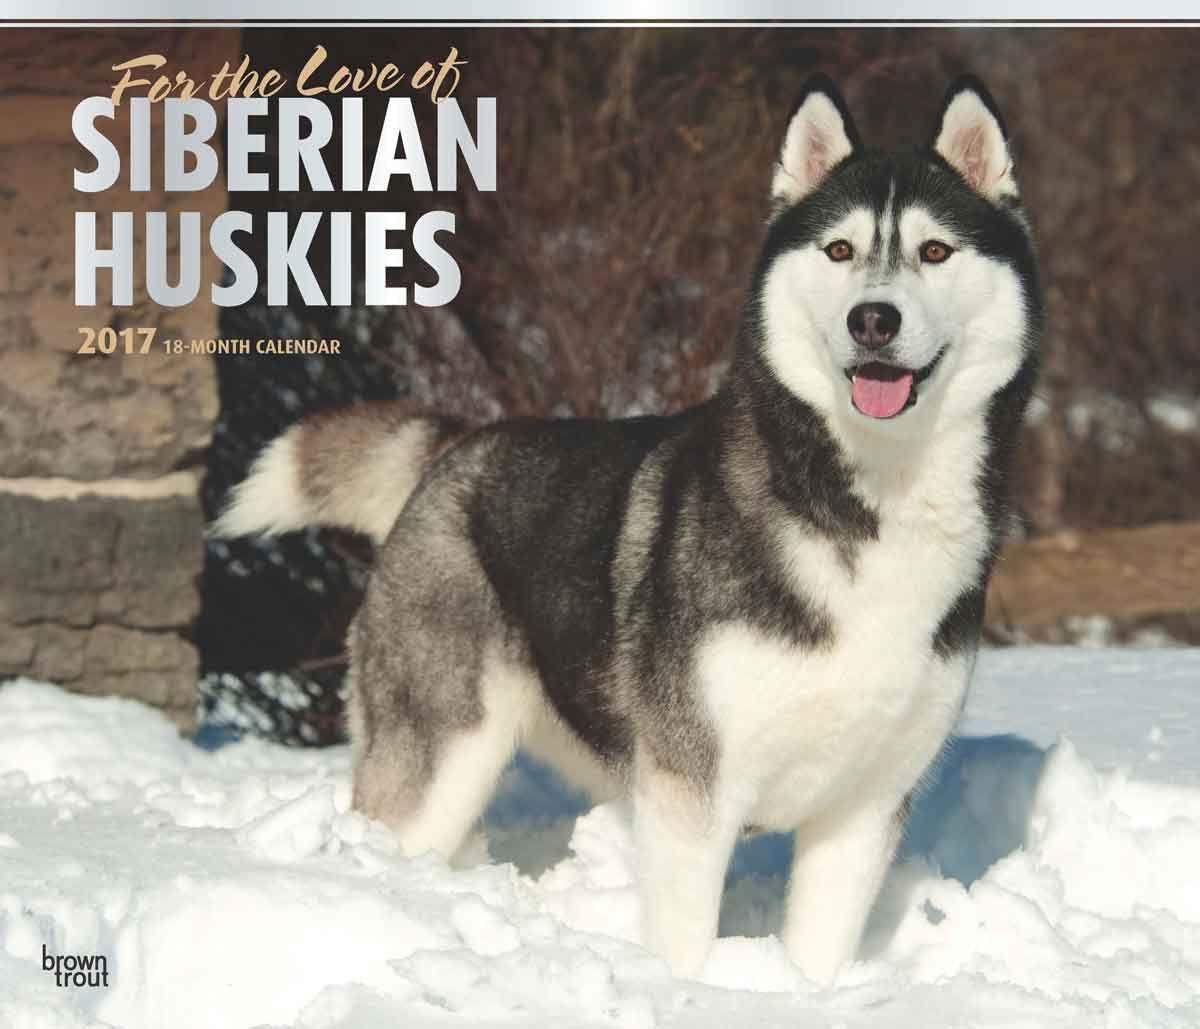 For the Love of Siberian Huskies Deluxe Calendar 2017